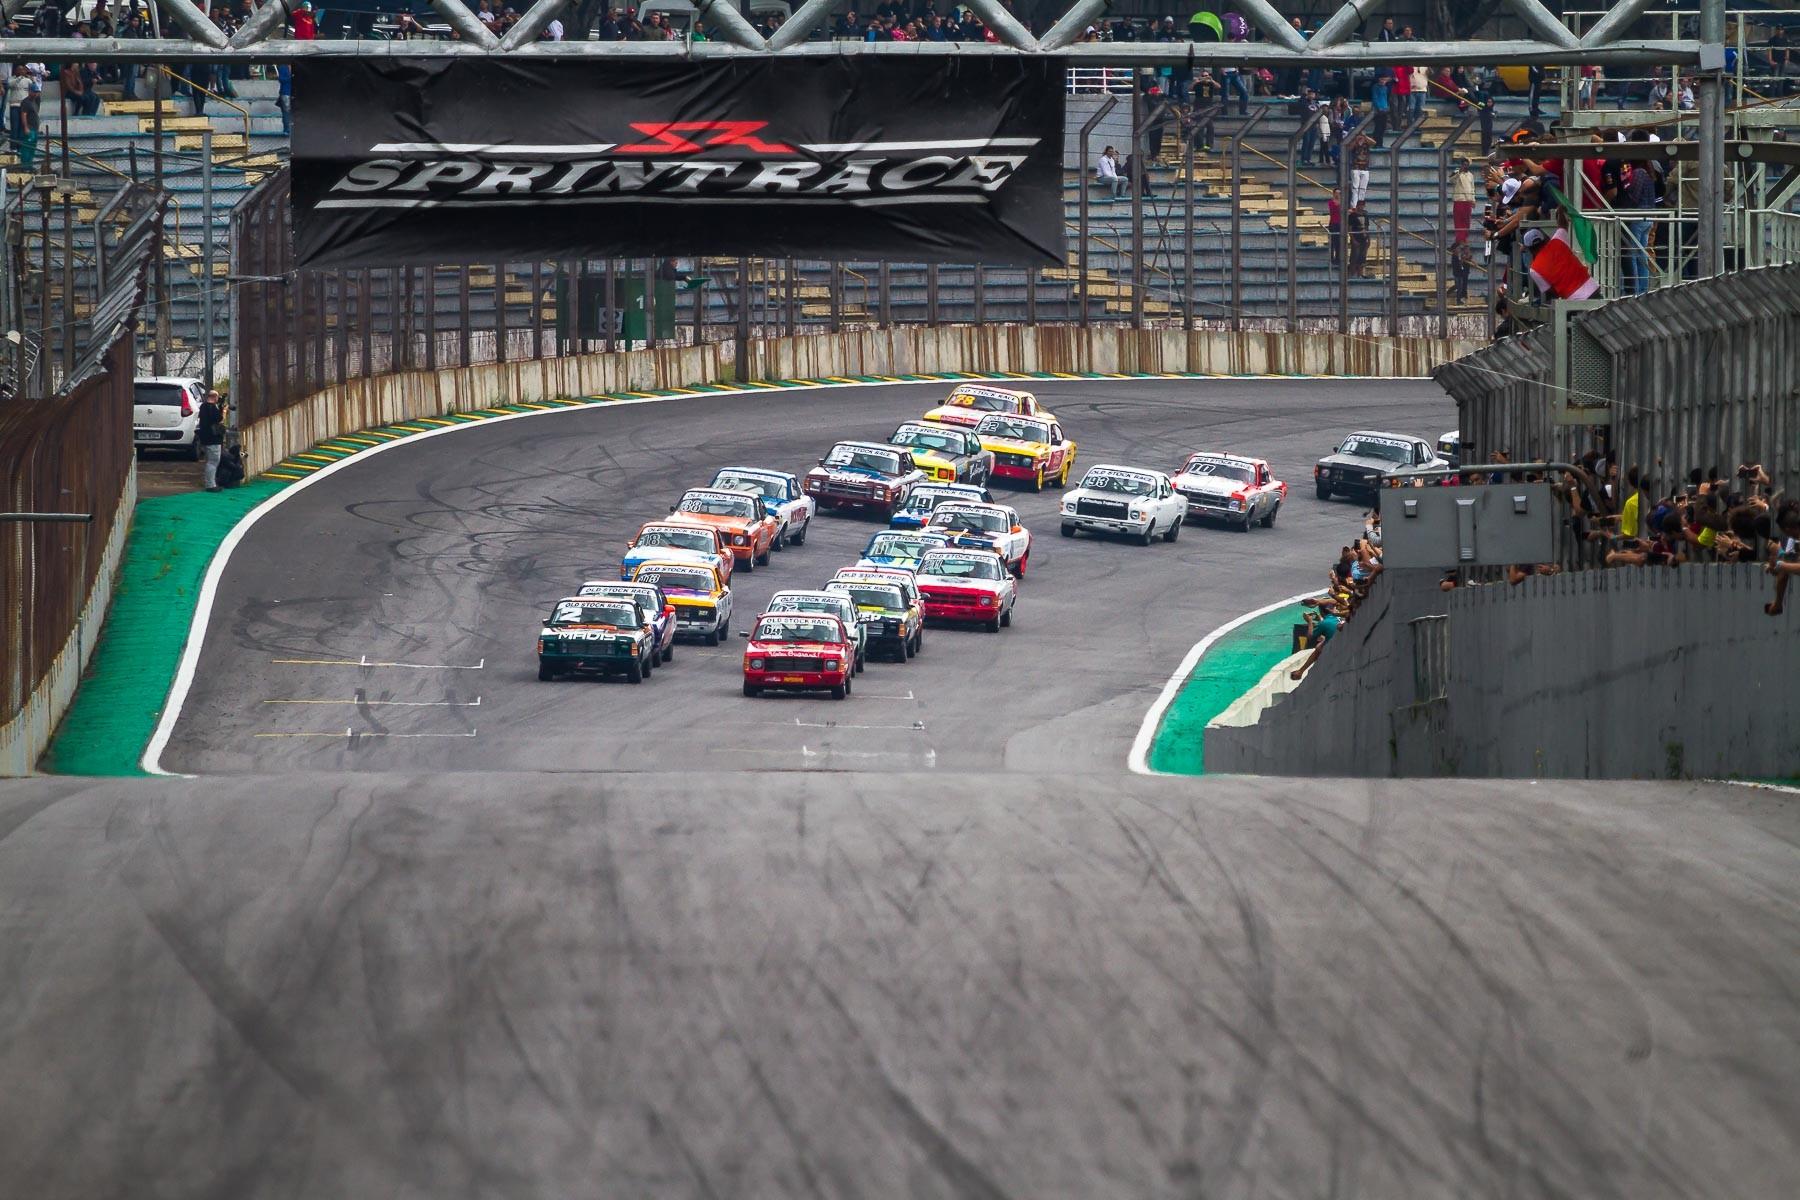 Se agrupando para o larga... (Foto: Divulgação/André Lemes/GRID Photo Racing)